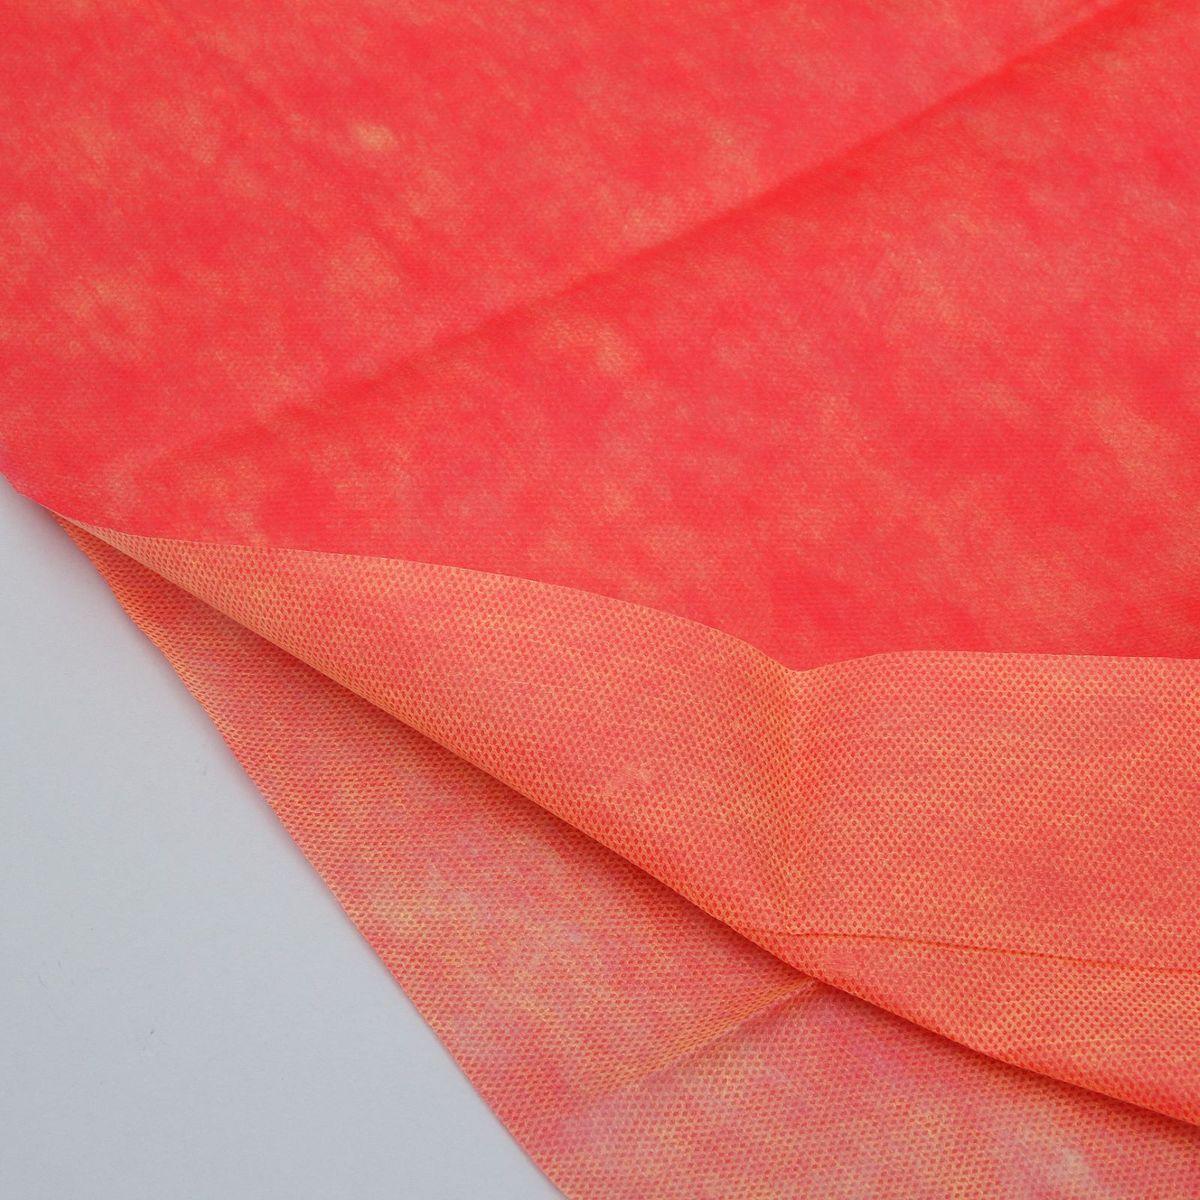 Материал укрывной Агротекс, двухслойный, цвет: оранжевый, красный, 5 х 3 м1367691Работа укрывного материала Агротекс заключается в эффективном использовании солнечных лучей, попадающих на почву. Материал размером 3 х 5 метров состоит из двух слоев: внешнего (красного цвета) и внутреннего (оранжевого цвета).Красный слой, внешний:-ускоряет процесс фотосинтеза, способствуя раннему цветению и повышению урожайности;-сохраняет тепло и защищает от ночных перепадов температур.Желтый слой, внутренний:-ограждает растения от вредителей, привлекая их на сам материал.При эксплуатации материала не используется никаких искусственных добавок и непонятной химии - только разумное использование тепла и солнечного света. В почве, укрытой материалом Агротекс, растения развиваются быстрее за счёт создания благоприятного микроклимата.